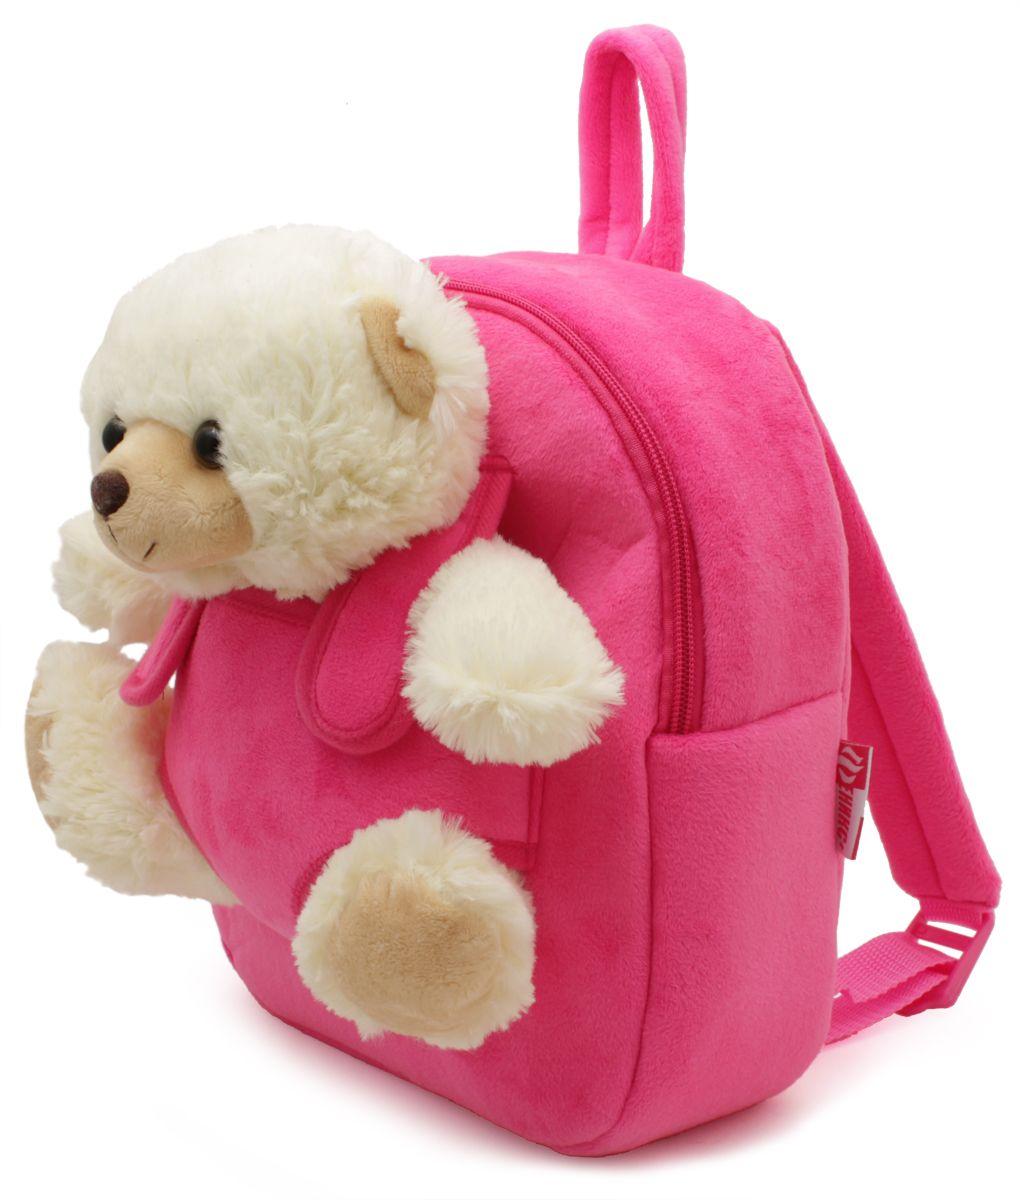 Феникс+ Рюкзак дошкольный Мишка44301Дошкольный рюкзак Феникс+ имеет одно большое отделение на застежке-молнии.Рюкзак оснащен ручкой для переноски в руках и лямками регулируемой длины. На лицевой стороне рюкзака находится съемная мягкая игрушка в виде белого медвежонка.Такой рюкзак идеально подойдет для хранения важных вещей, которые так необходимы детям на детской площадке, во время прогулки или на пикнике.